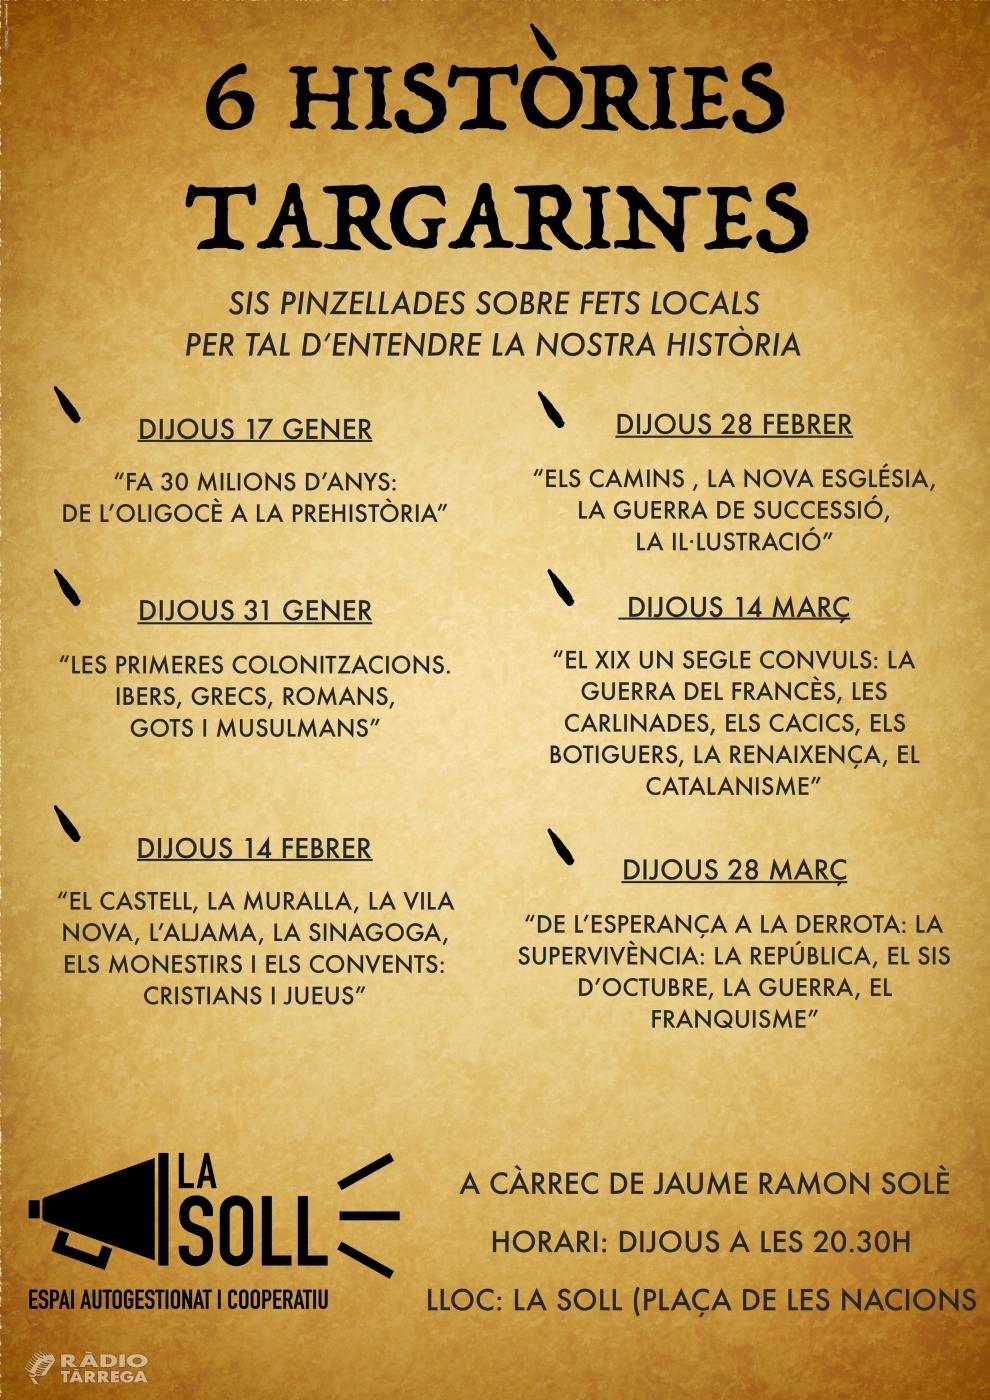 La Soll organitza un cicle de conferències sobre la història de Tàrrega dividida en 6 capítols a càrrec de Jaume Ramon Solé